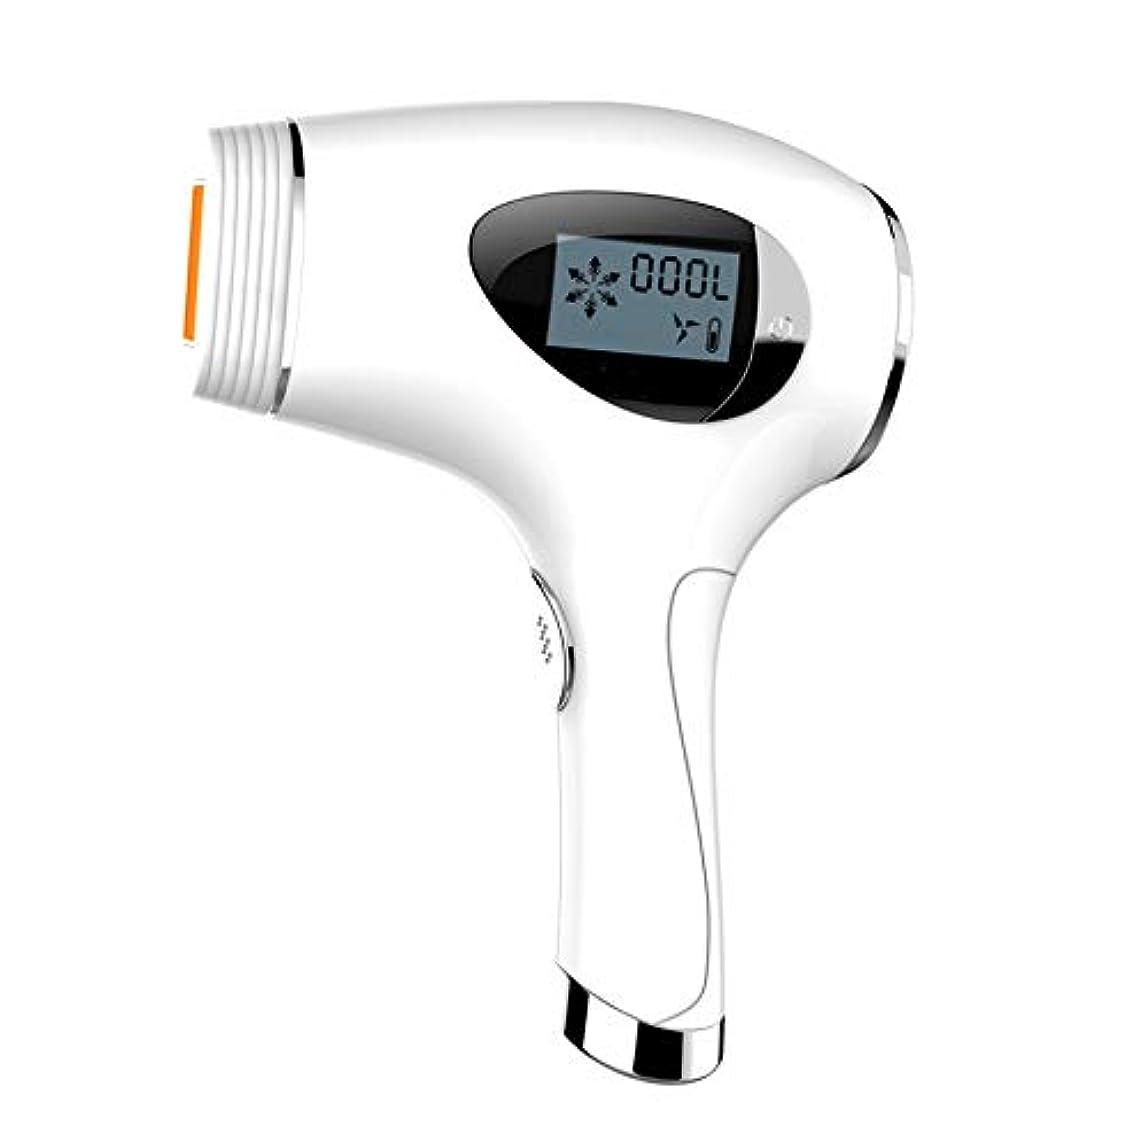 認知素人堤防顔と体の調整自動センサー女性の電気脱毛装置は、画面のレーザー器具剃刀